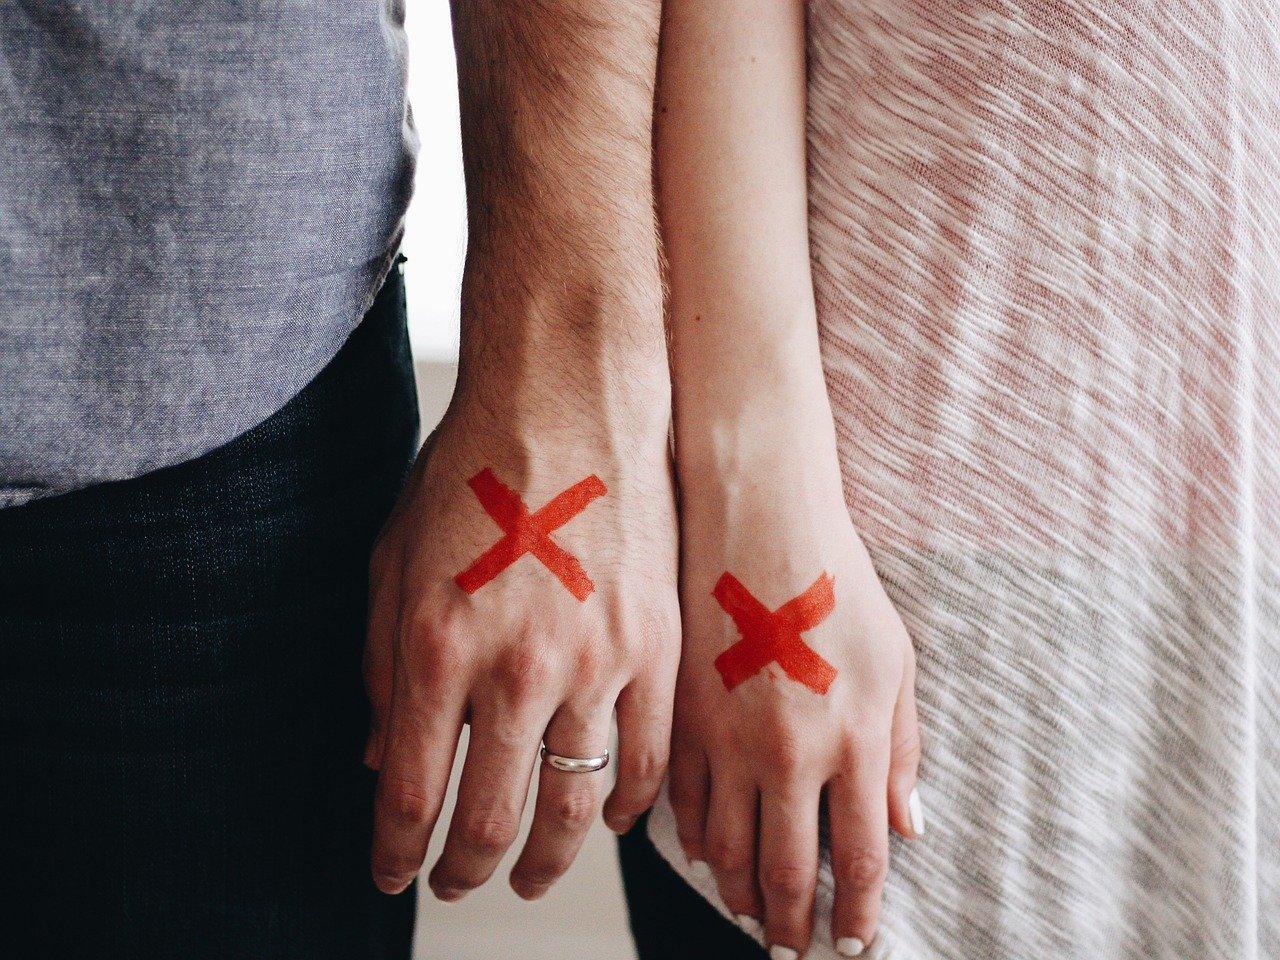 Срок примирения россиян при разводе могут увеличить до полугода